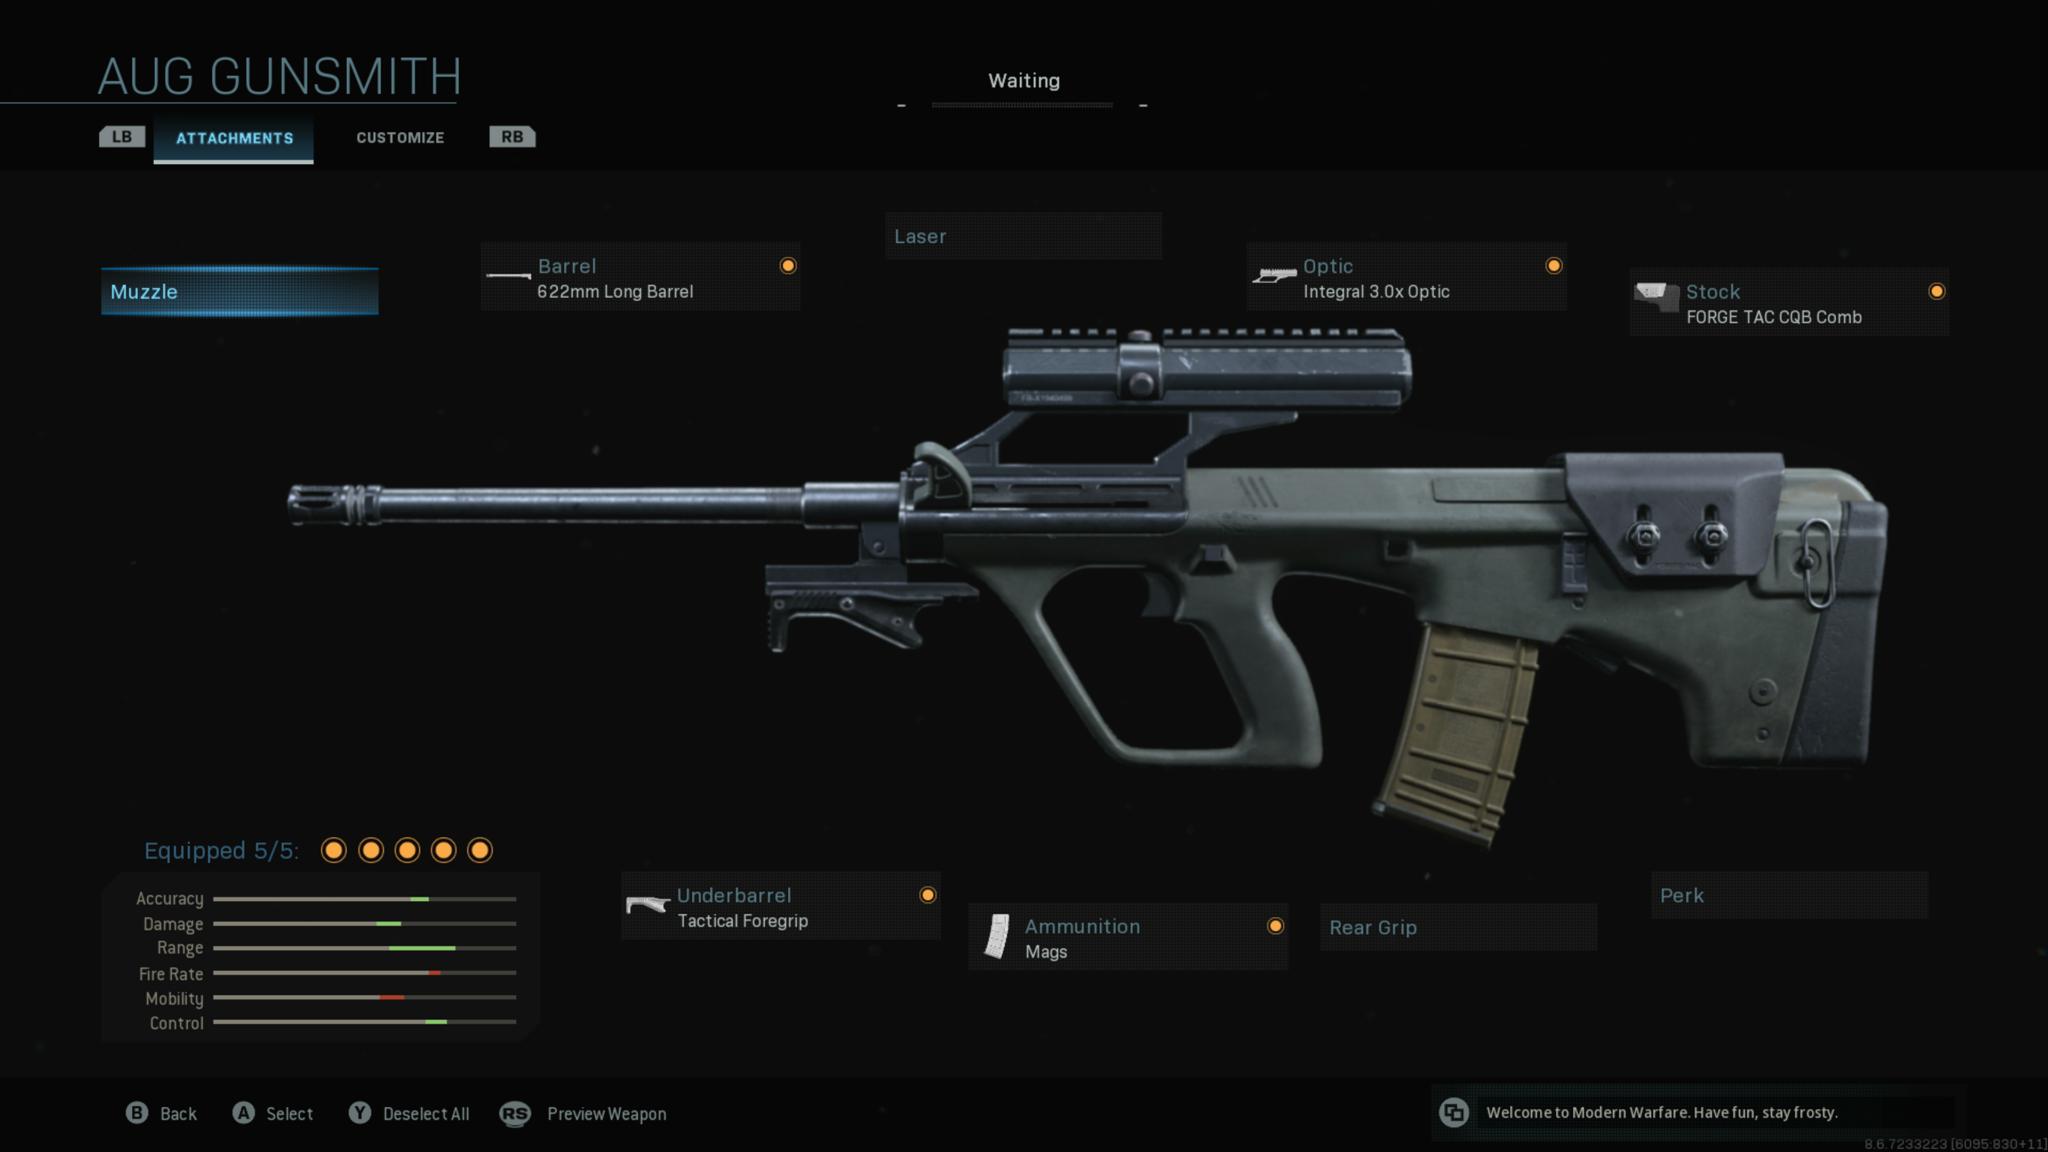 Modern Warfare Gunsmith AUG